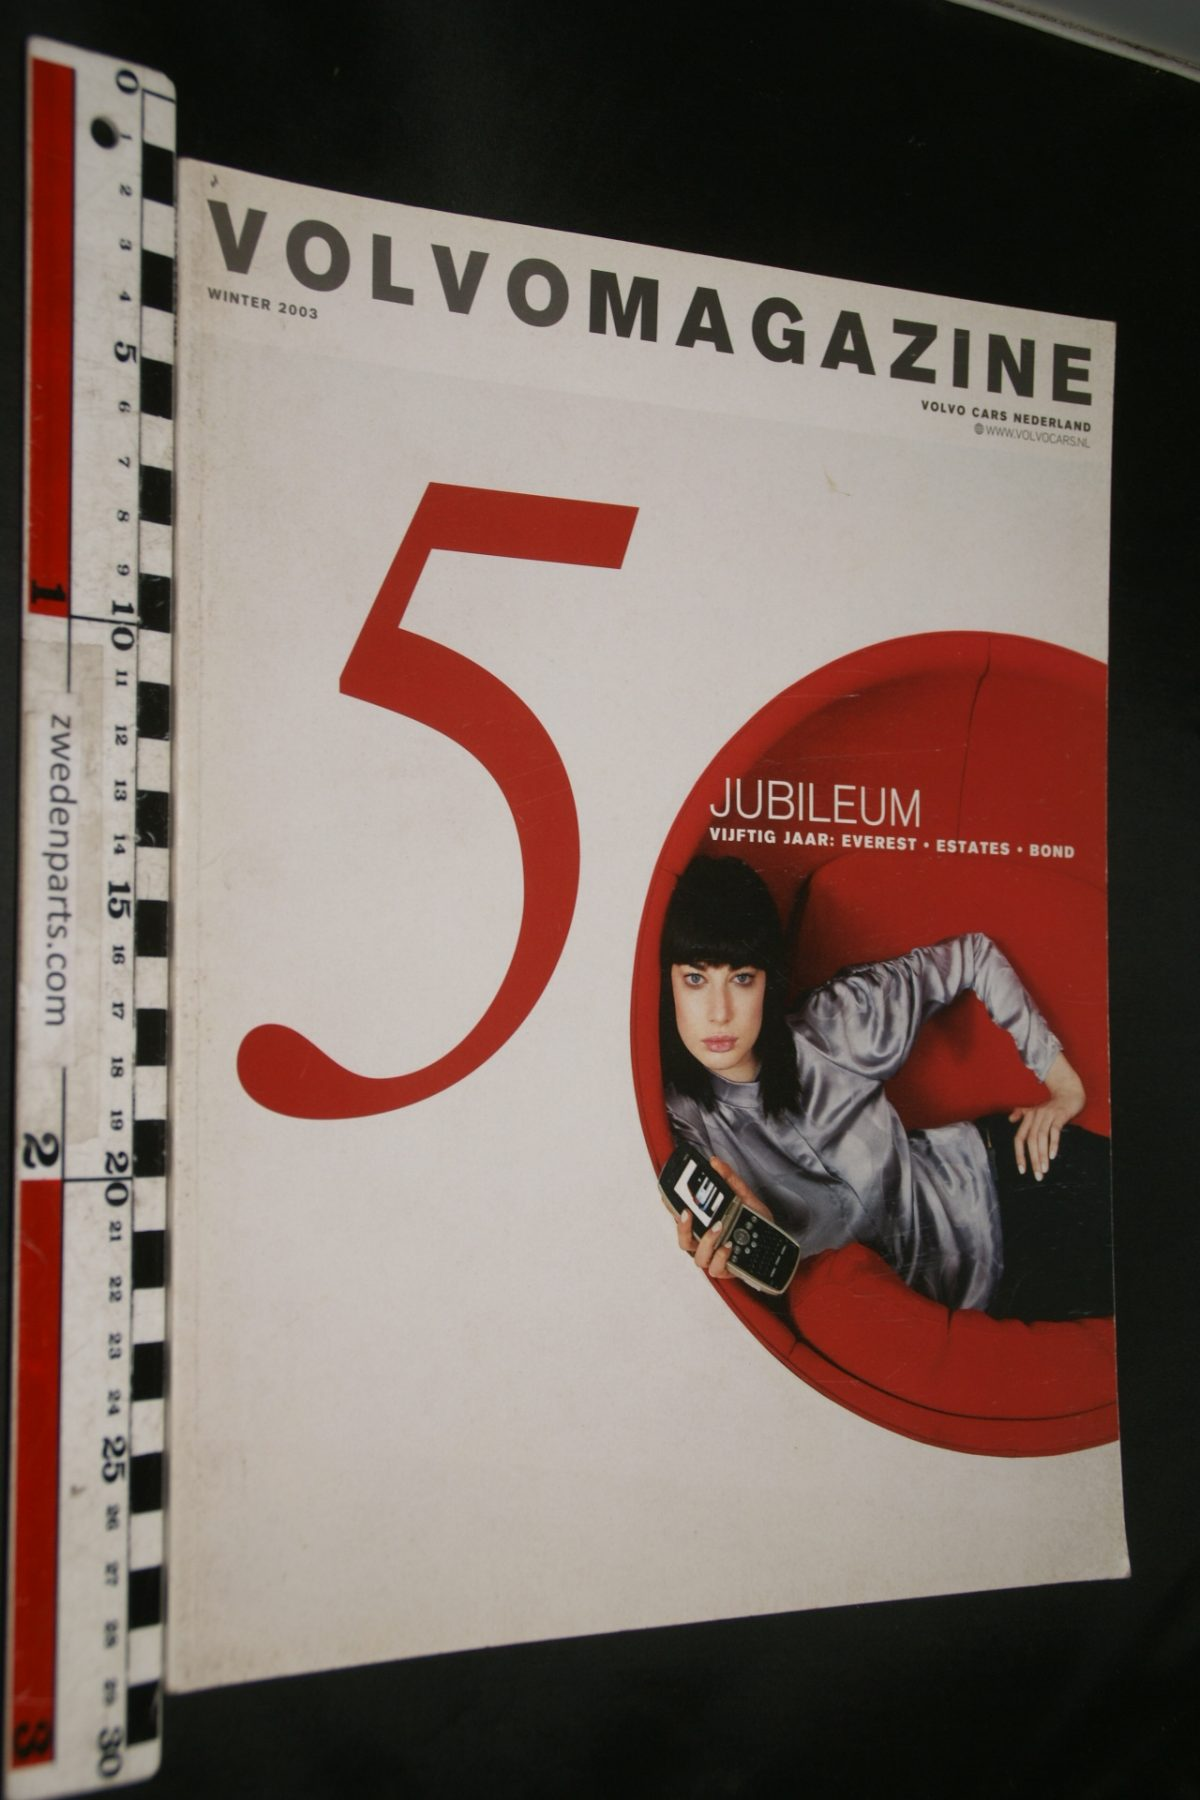 DSC02454 2003 winter Volvomagazine tijdschrift